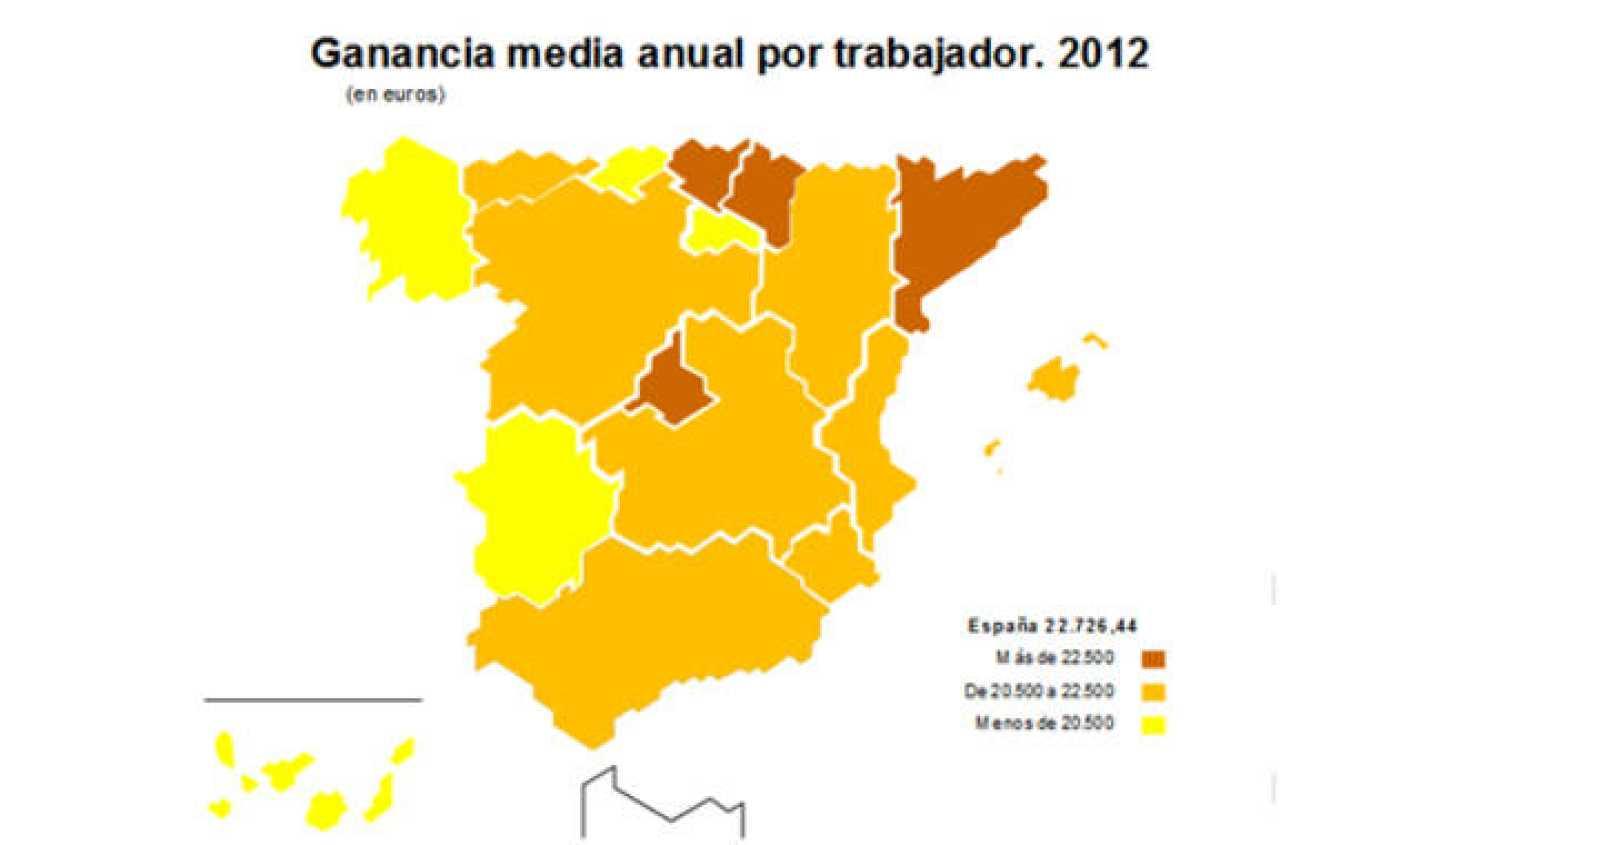 Ganancia media anual por trabajador en 2012